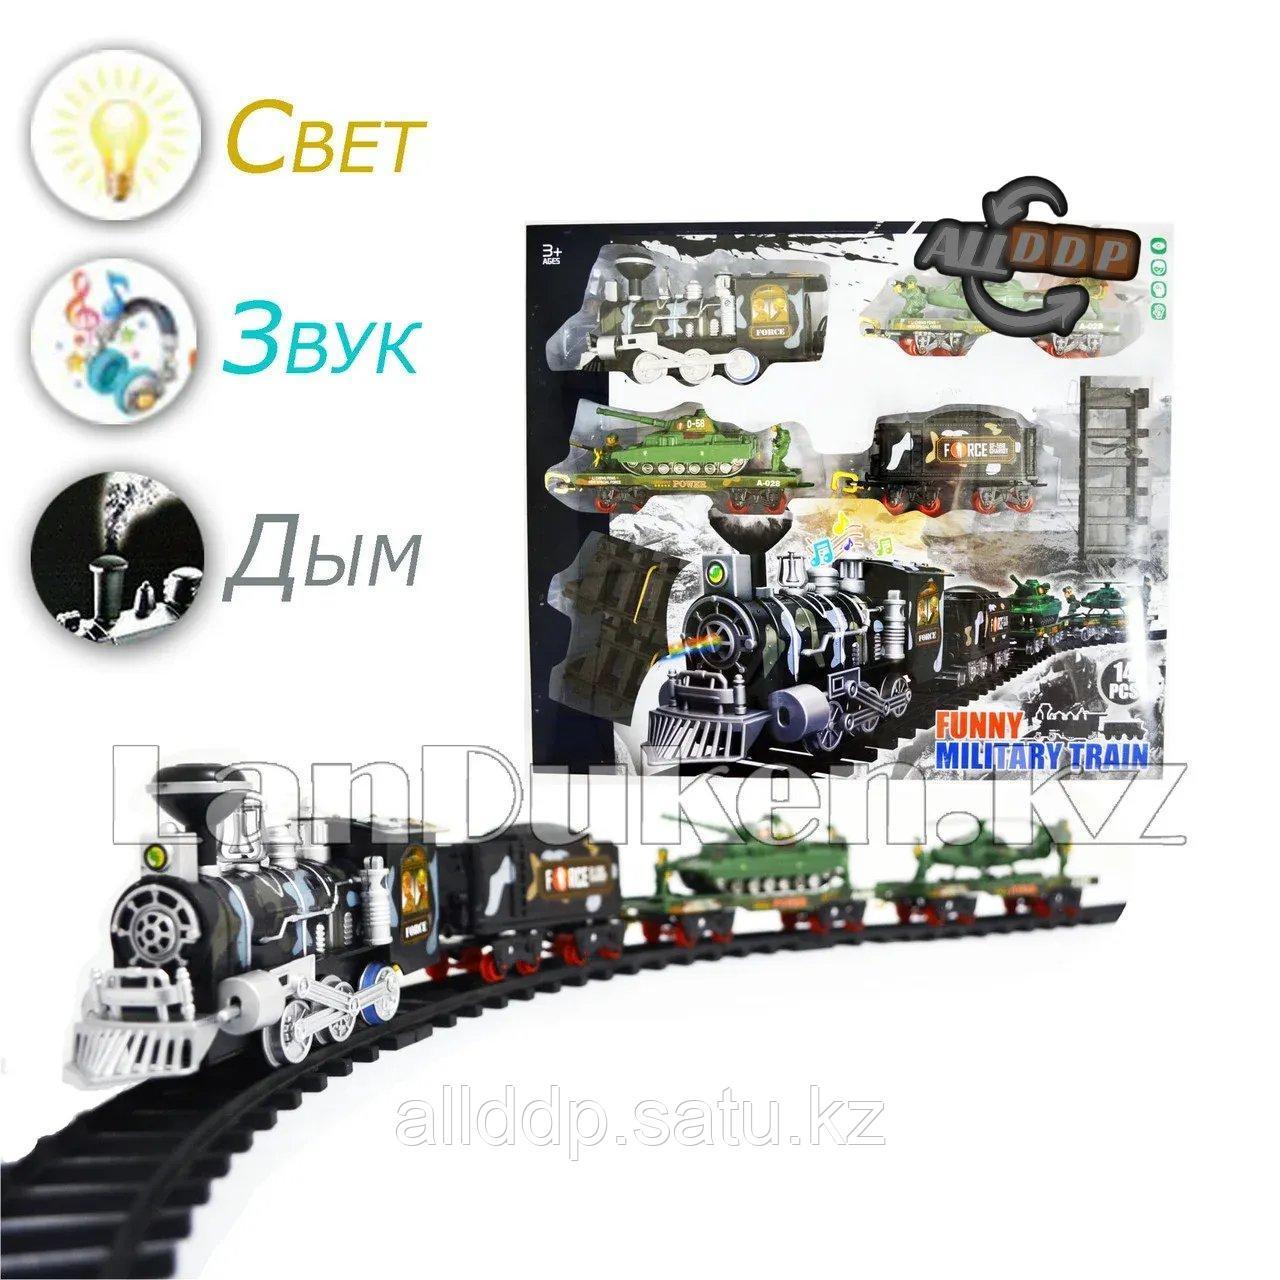 Детская железная дорога с военной техникой на батарейках с дымом из трубы, светом из фары и озвучкой 2872 (3+)